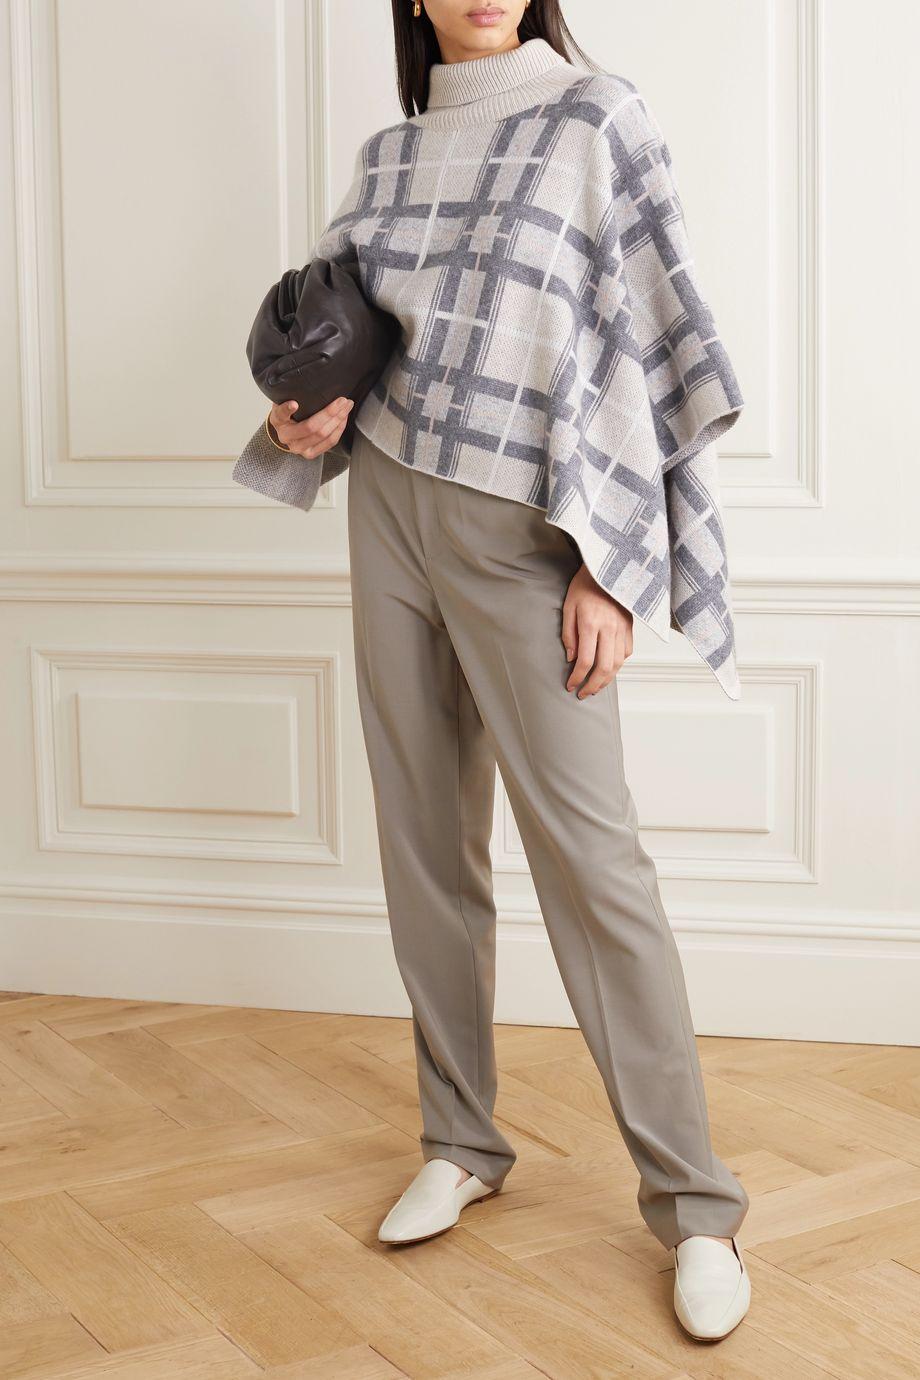 Le Kasha Argylle checked cashmere turtleneck poncho